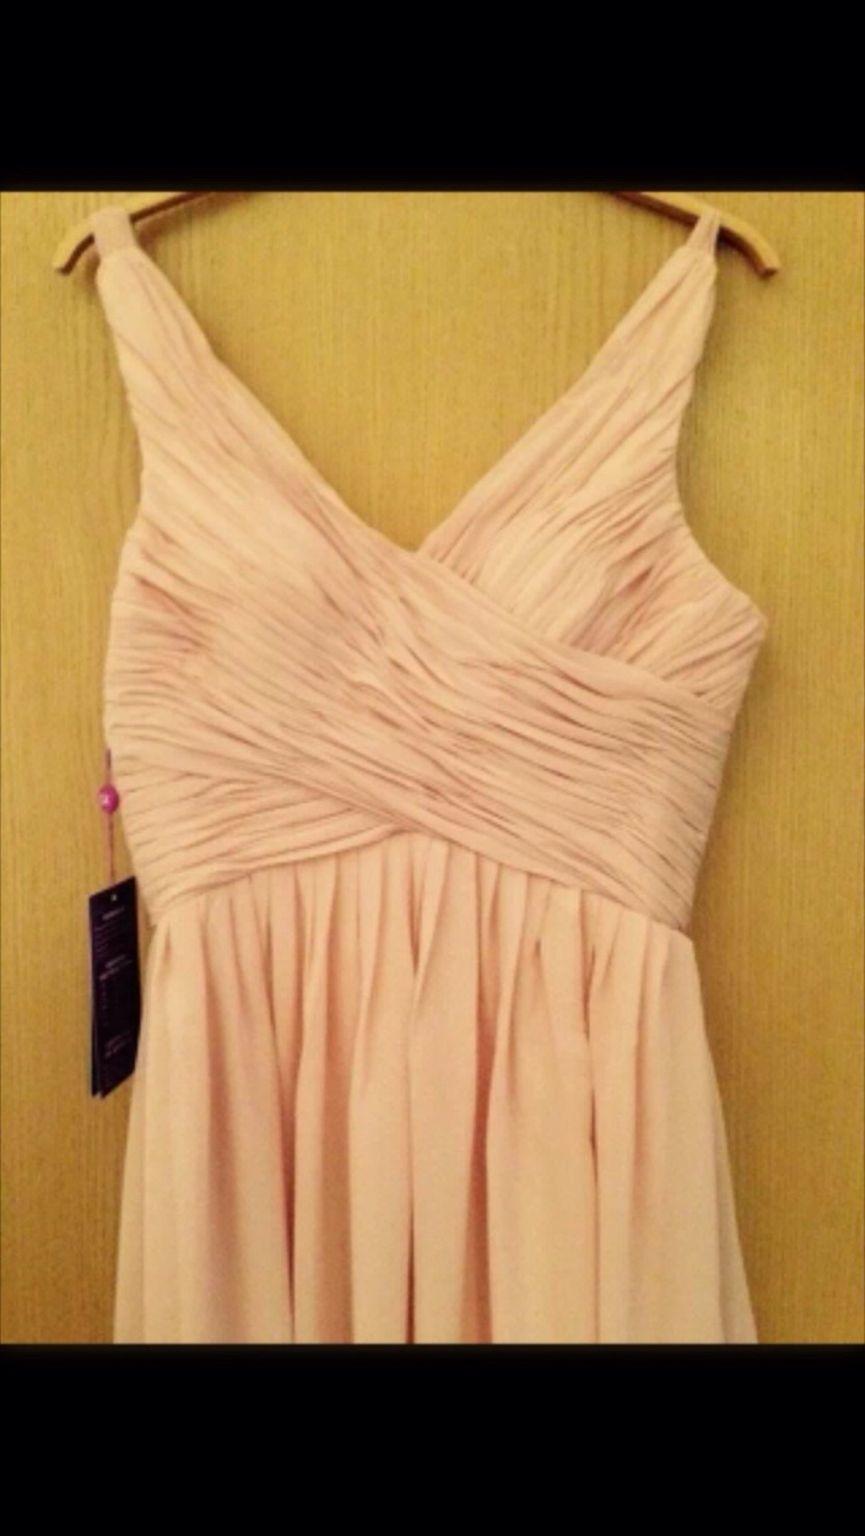 Kleid Designer Vertrieb Großartig Abendkleid Lachsfarbenes qUzpjLSMGV